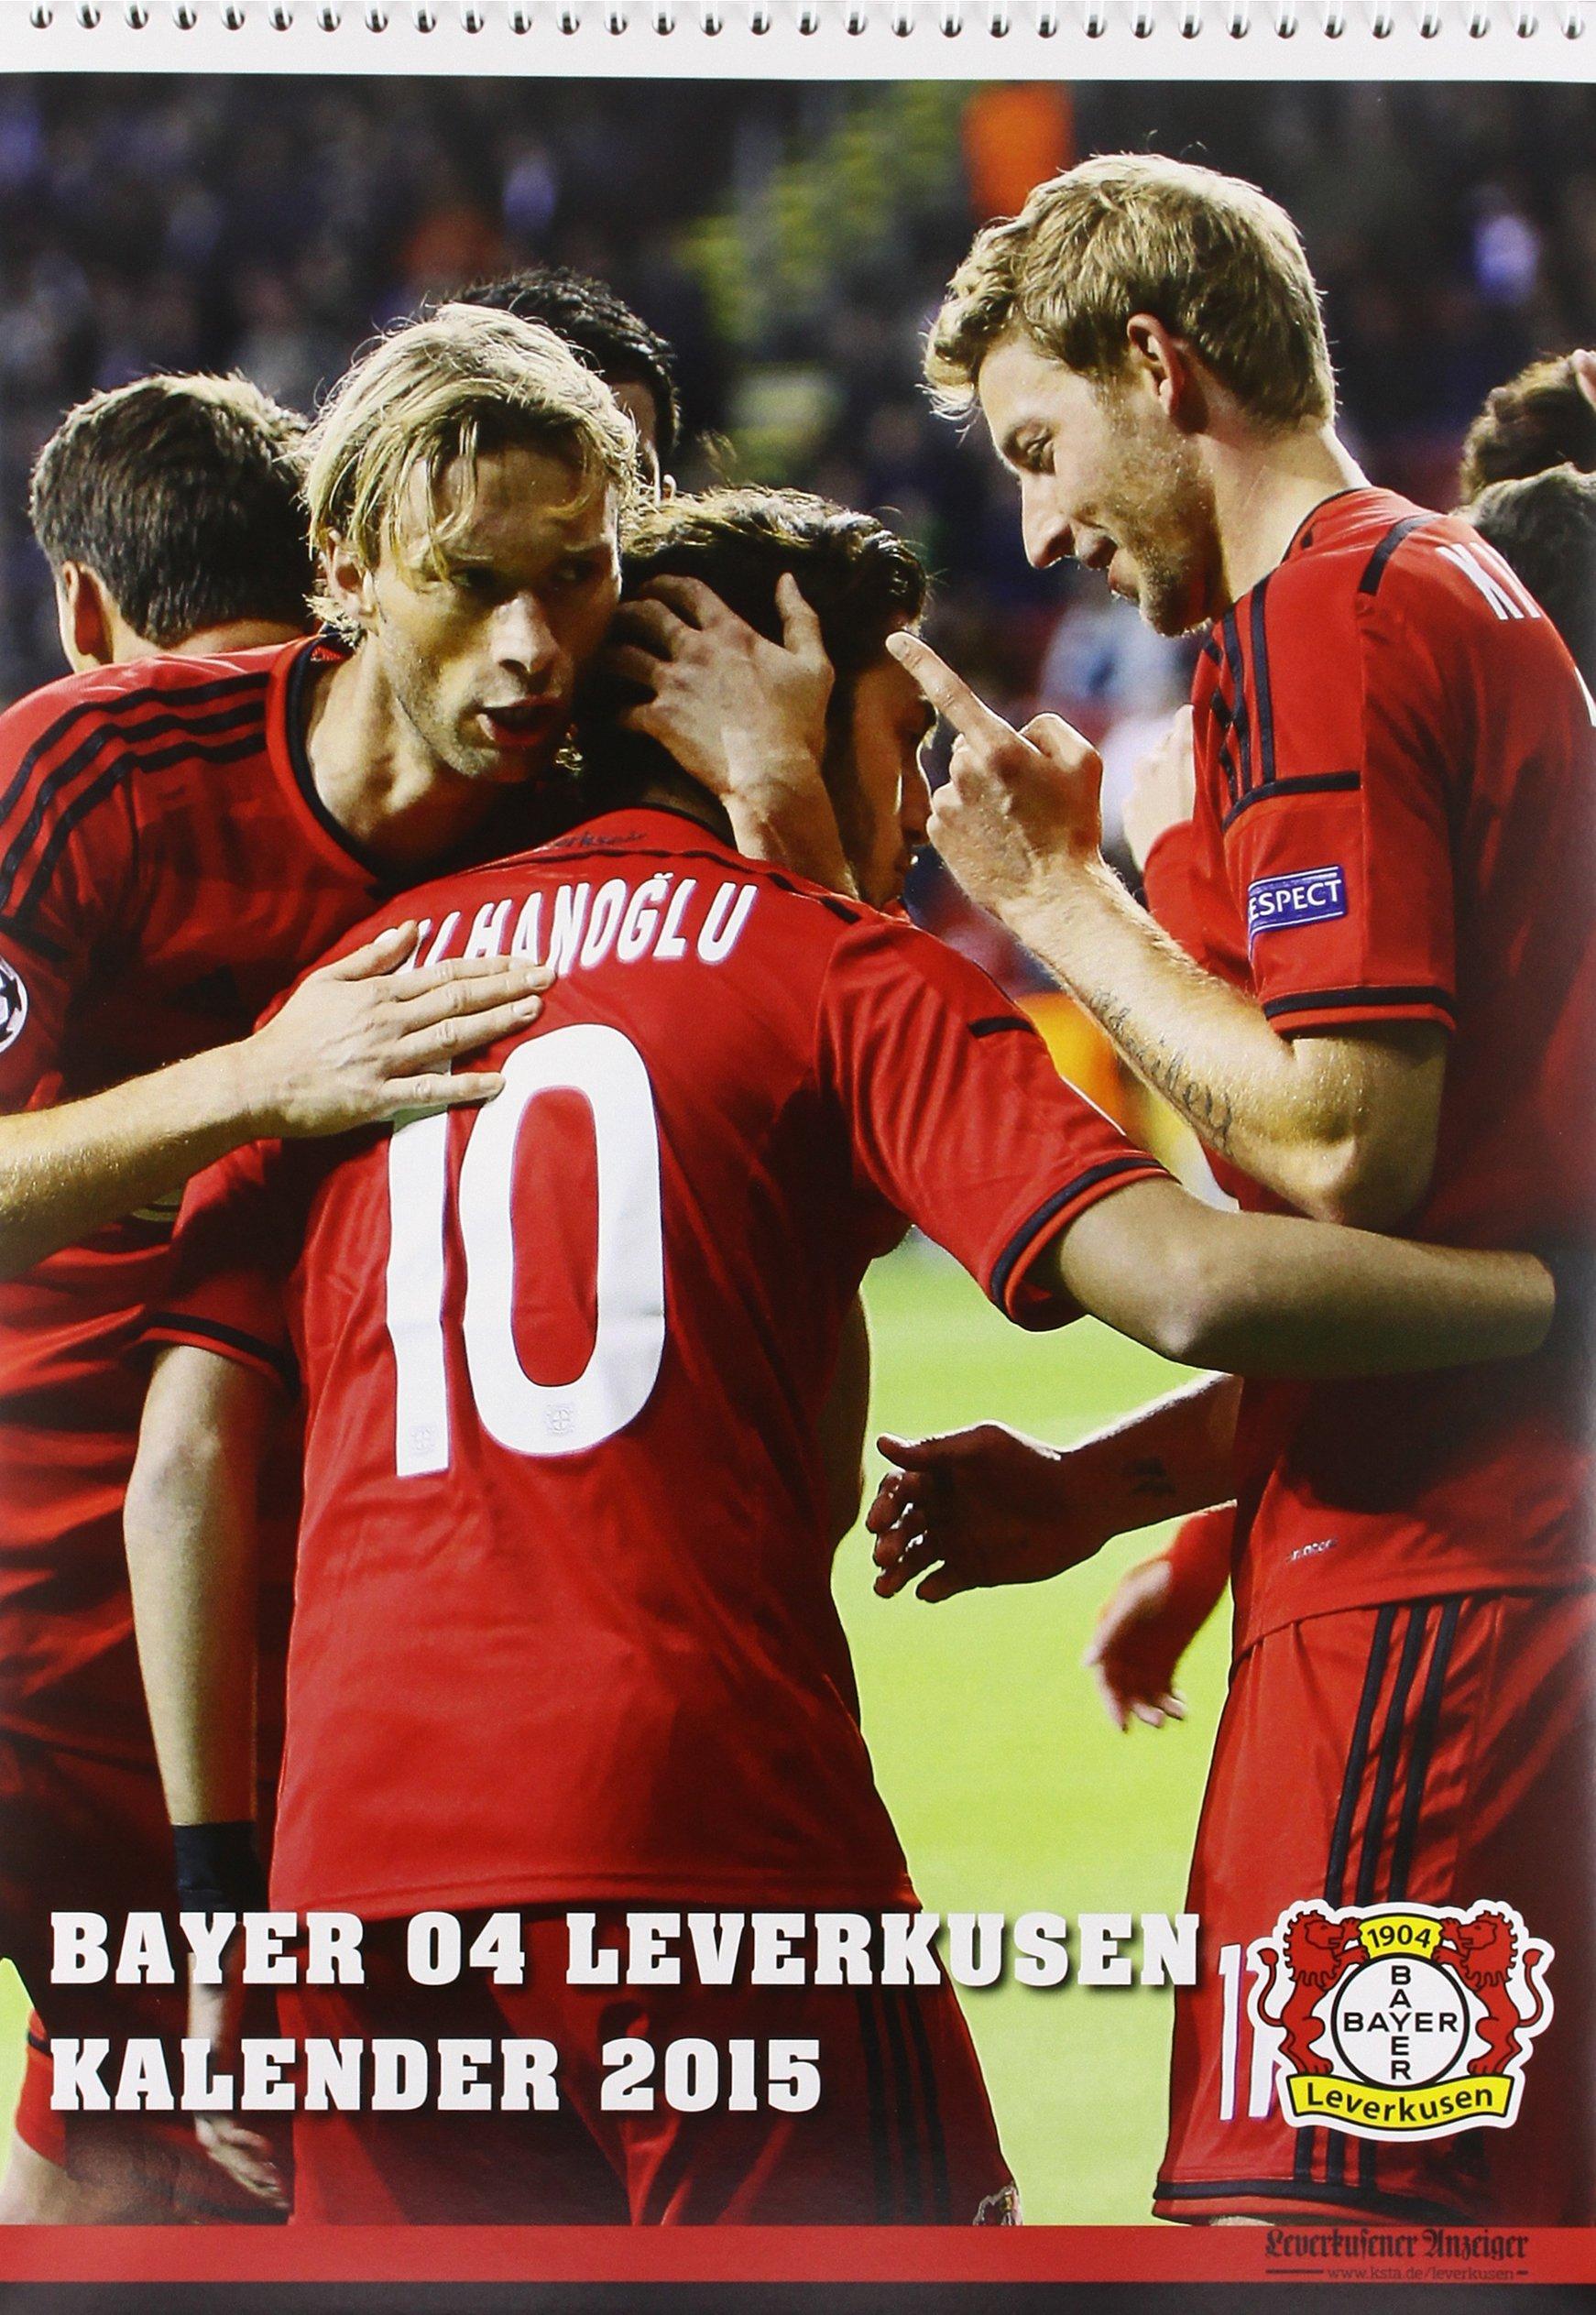 Bayer 04 Leverkusen Kalender 2015